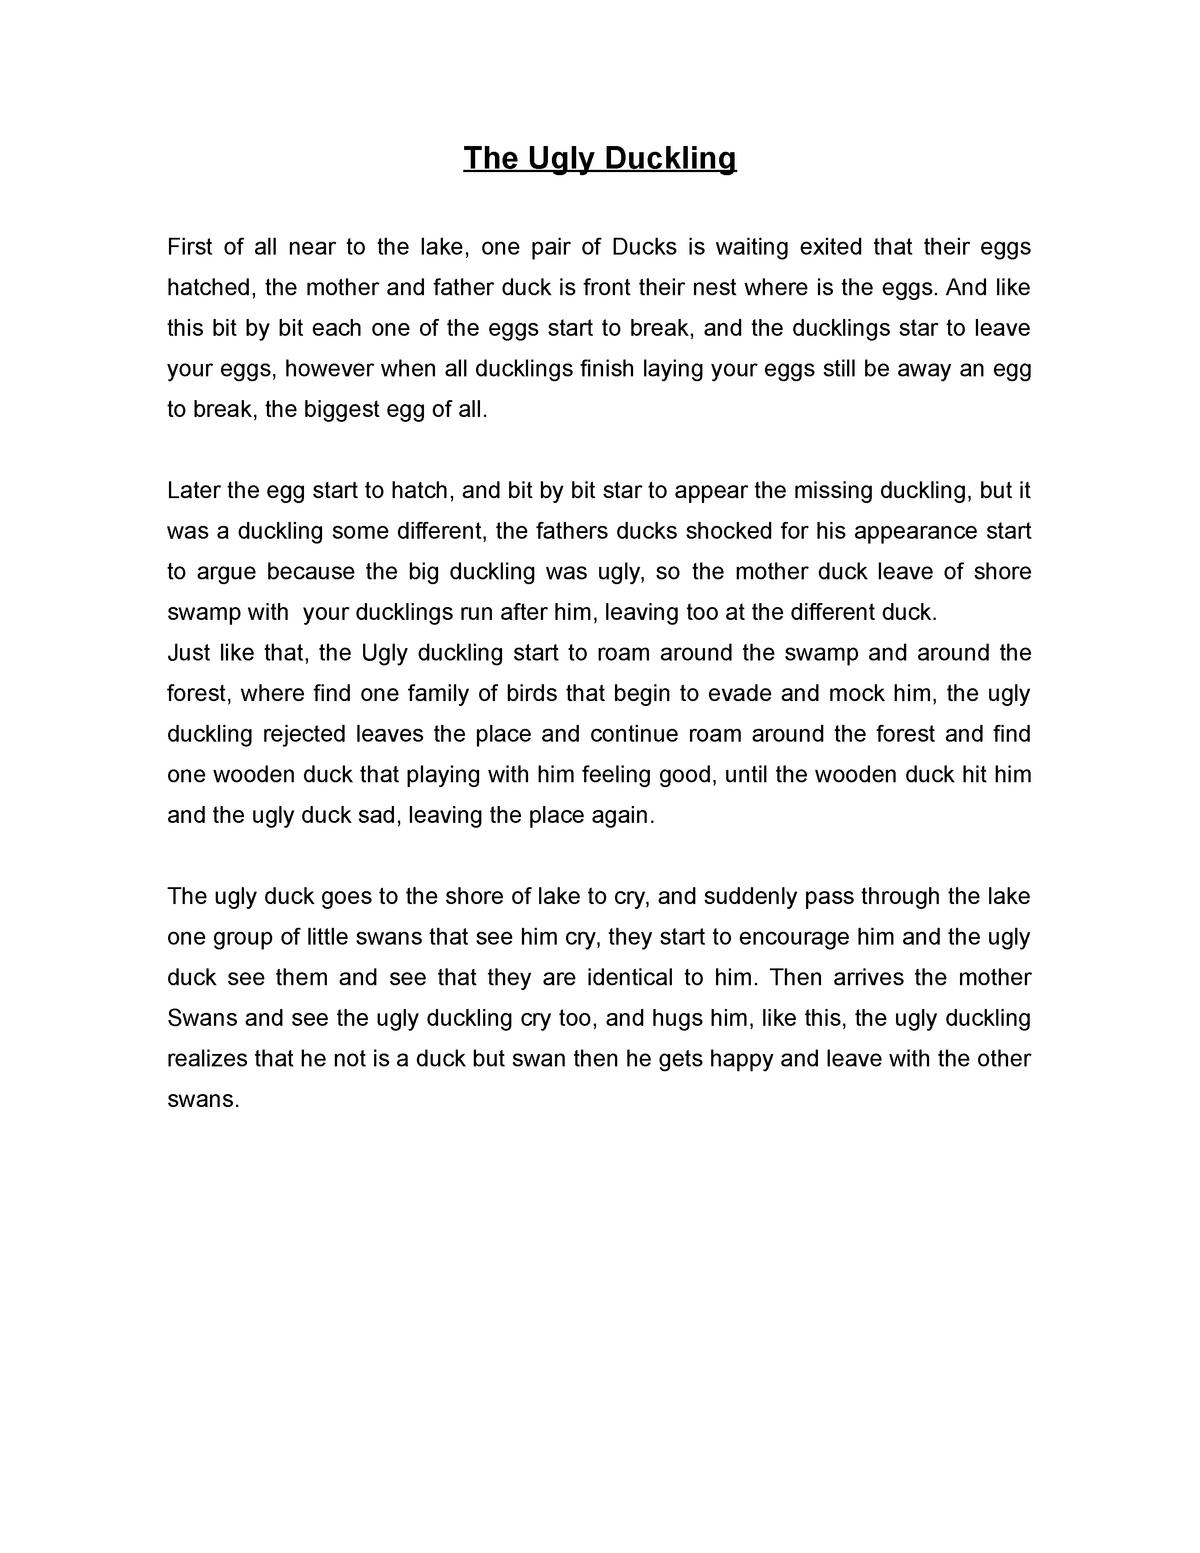 The Ugly Duckling - Resumen Cuento El Patito Feo en ingles de 150 palabras.  - StuDocu